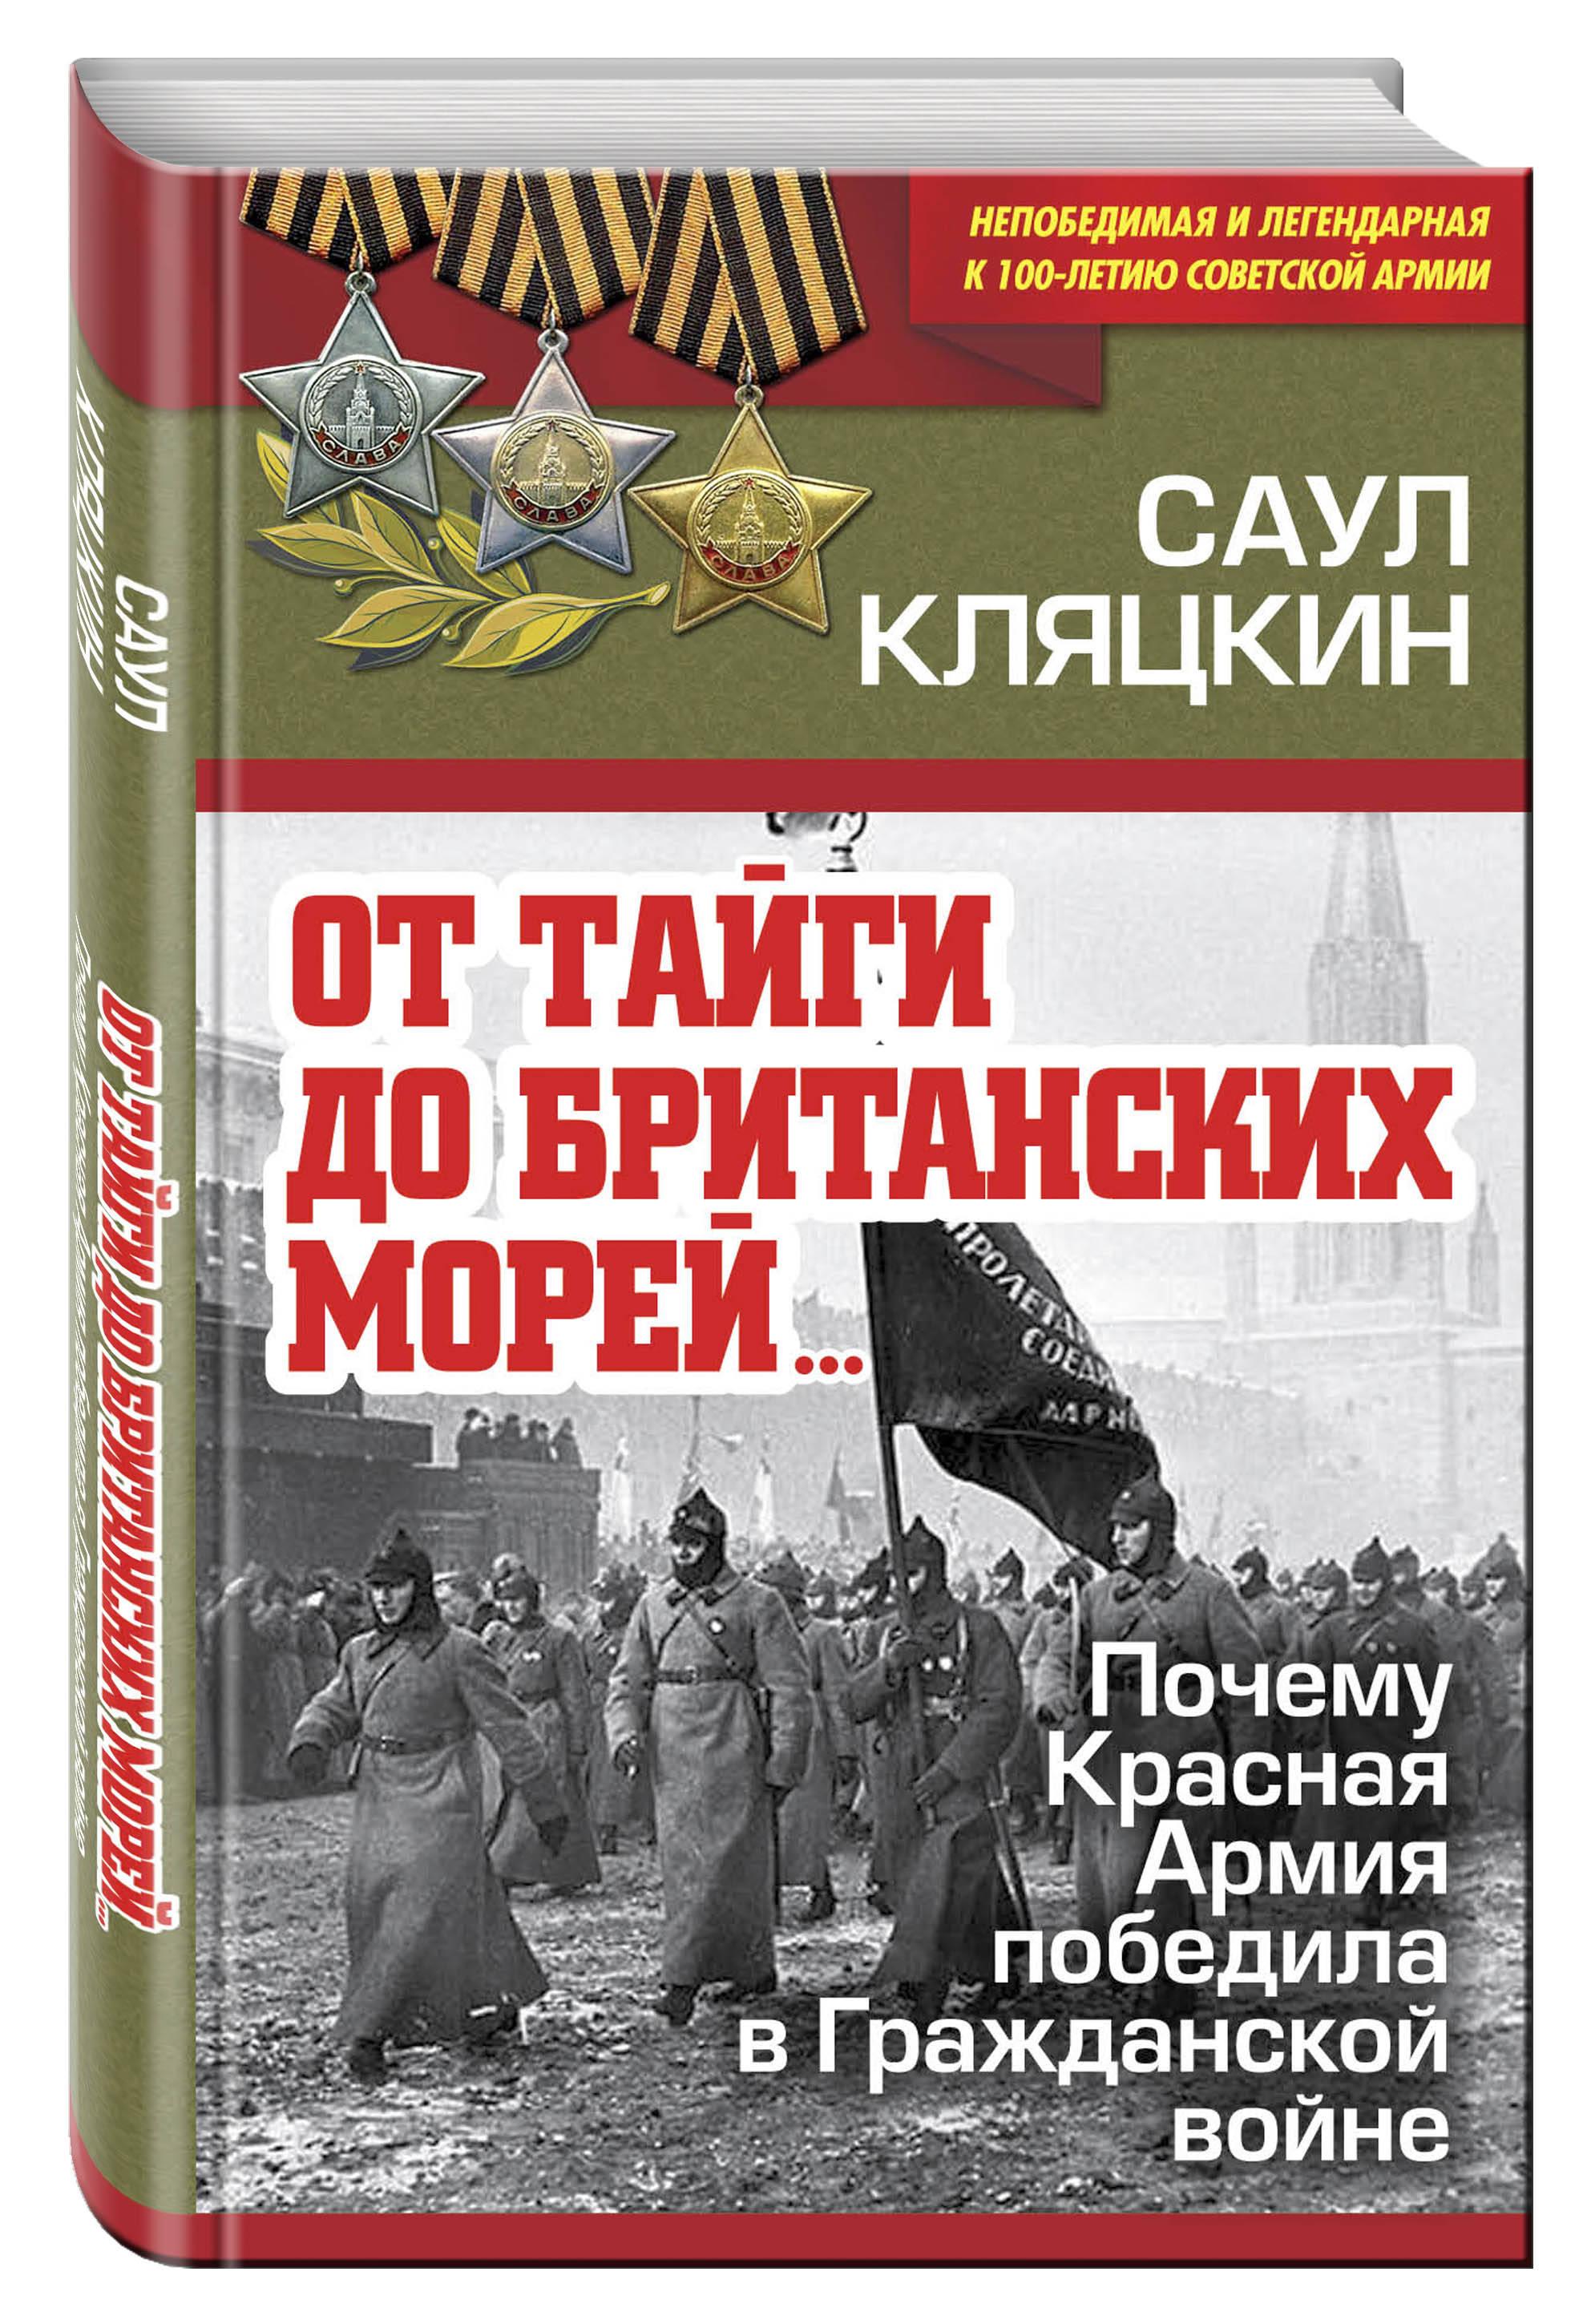 Кляцкин С.М. «От тайги до британских морей…» Почему Красная Армия победила в Гражданской войне от тайги до британских морей… почему красная армия победила в гражданской войне